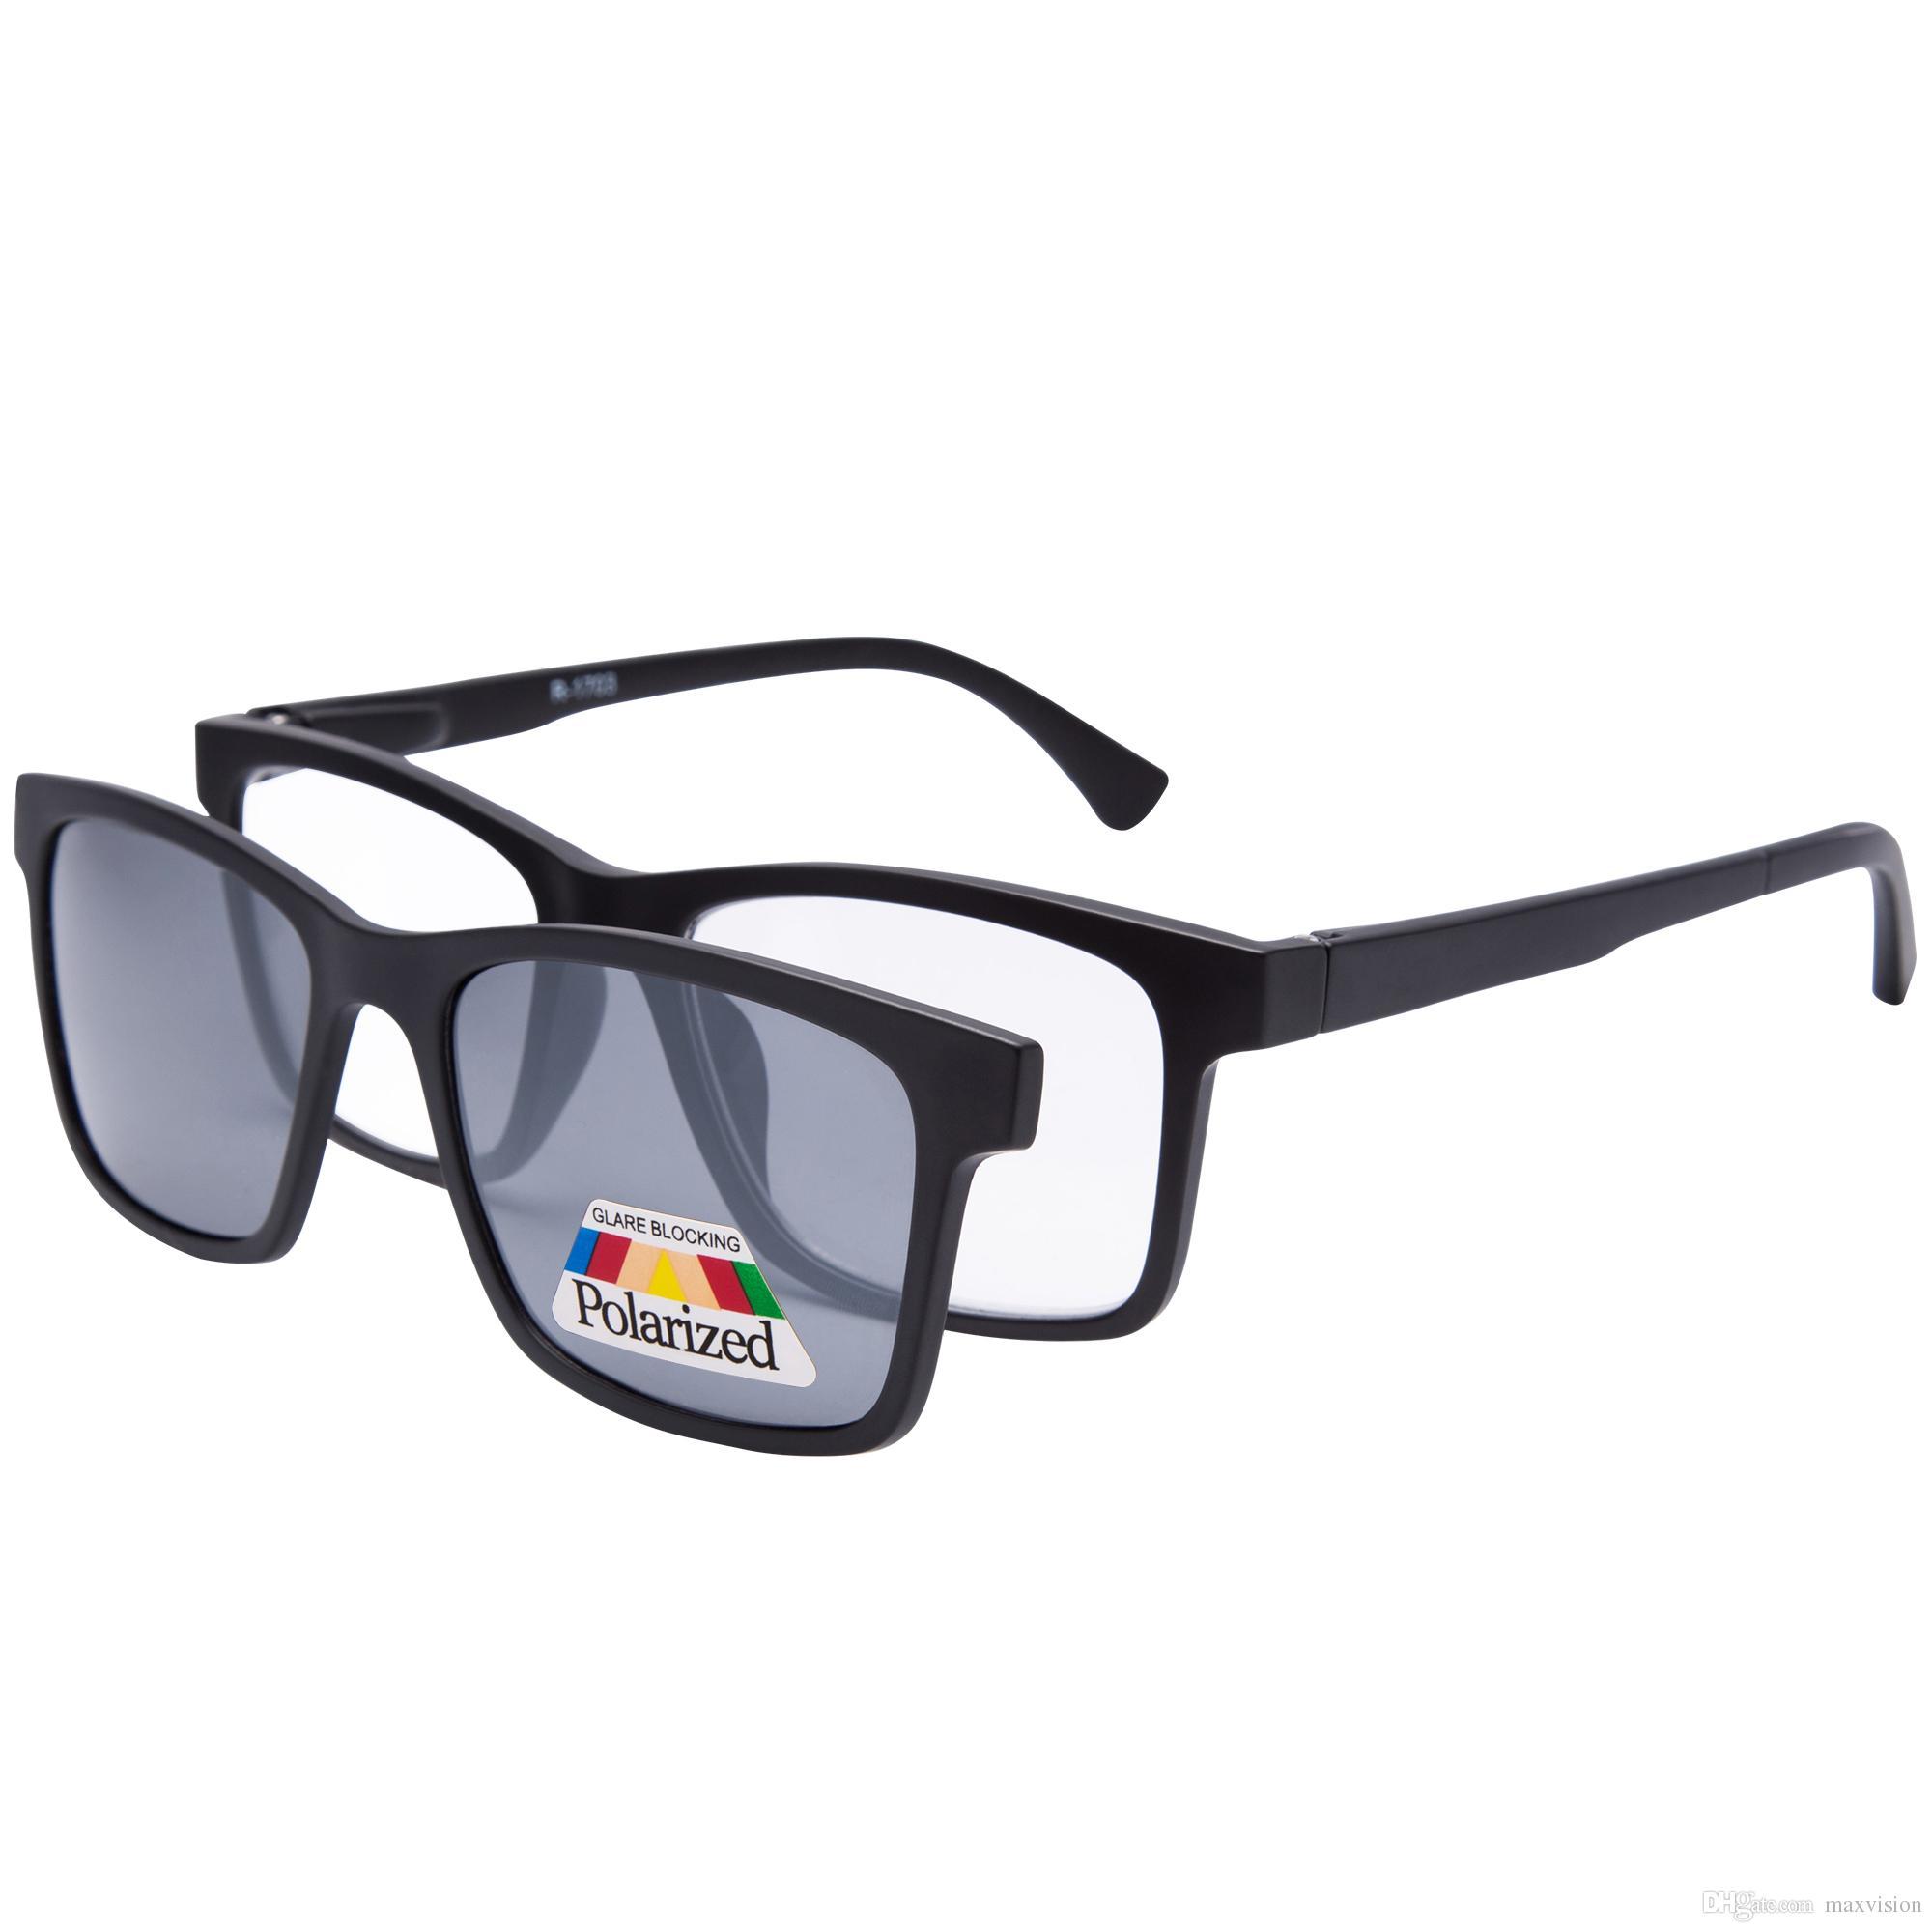 Compre Óculos De Leitura Clipe Magnético Polarizado Em Óculos De Sol  Leitores Unisex Capa Preta De Maxvision,  14.22   Pt.Dhgate.Com 4af1b508e5